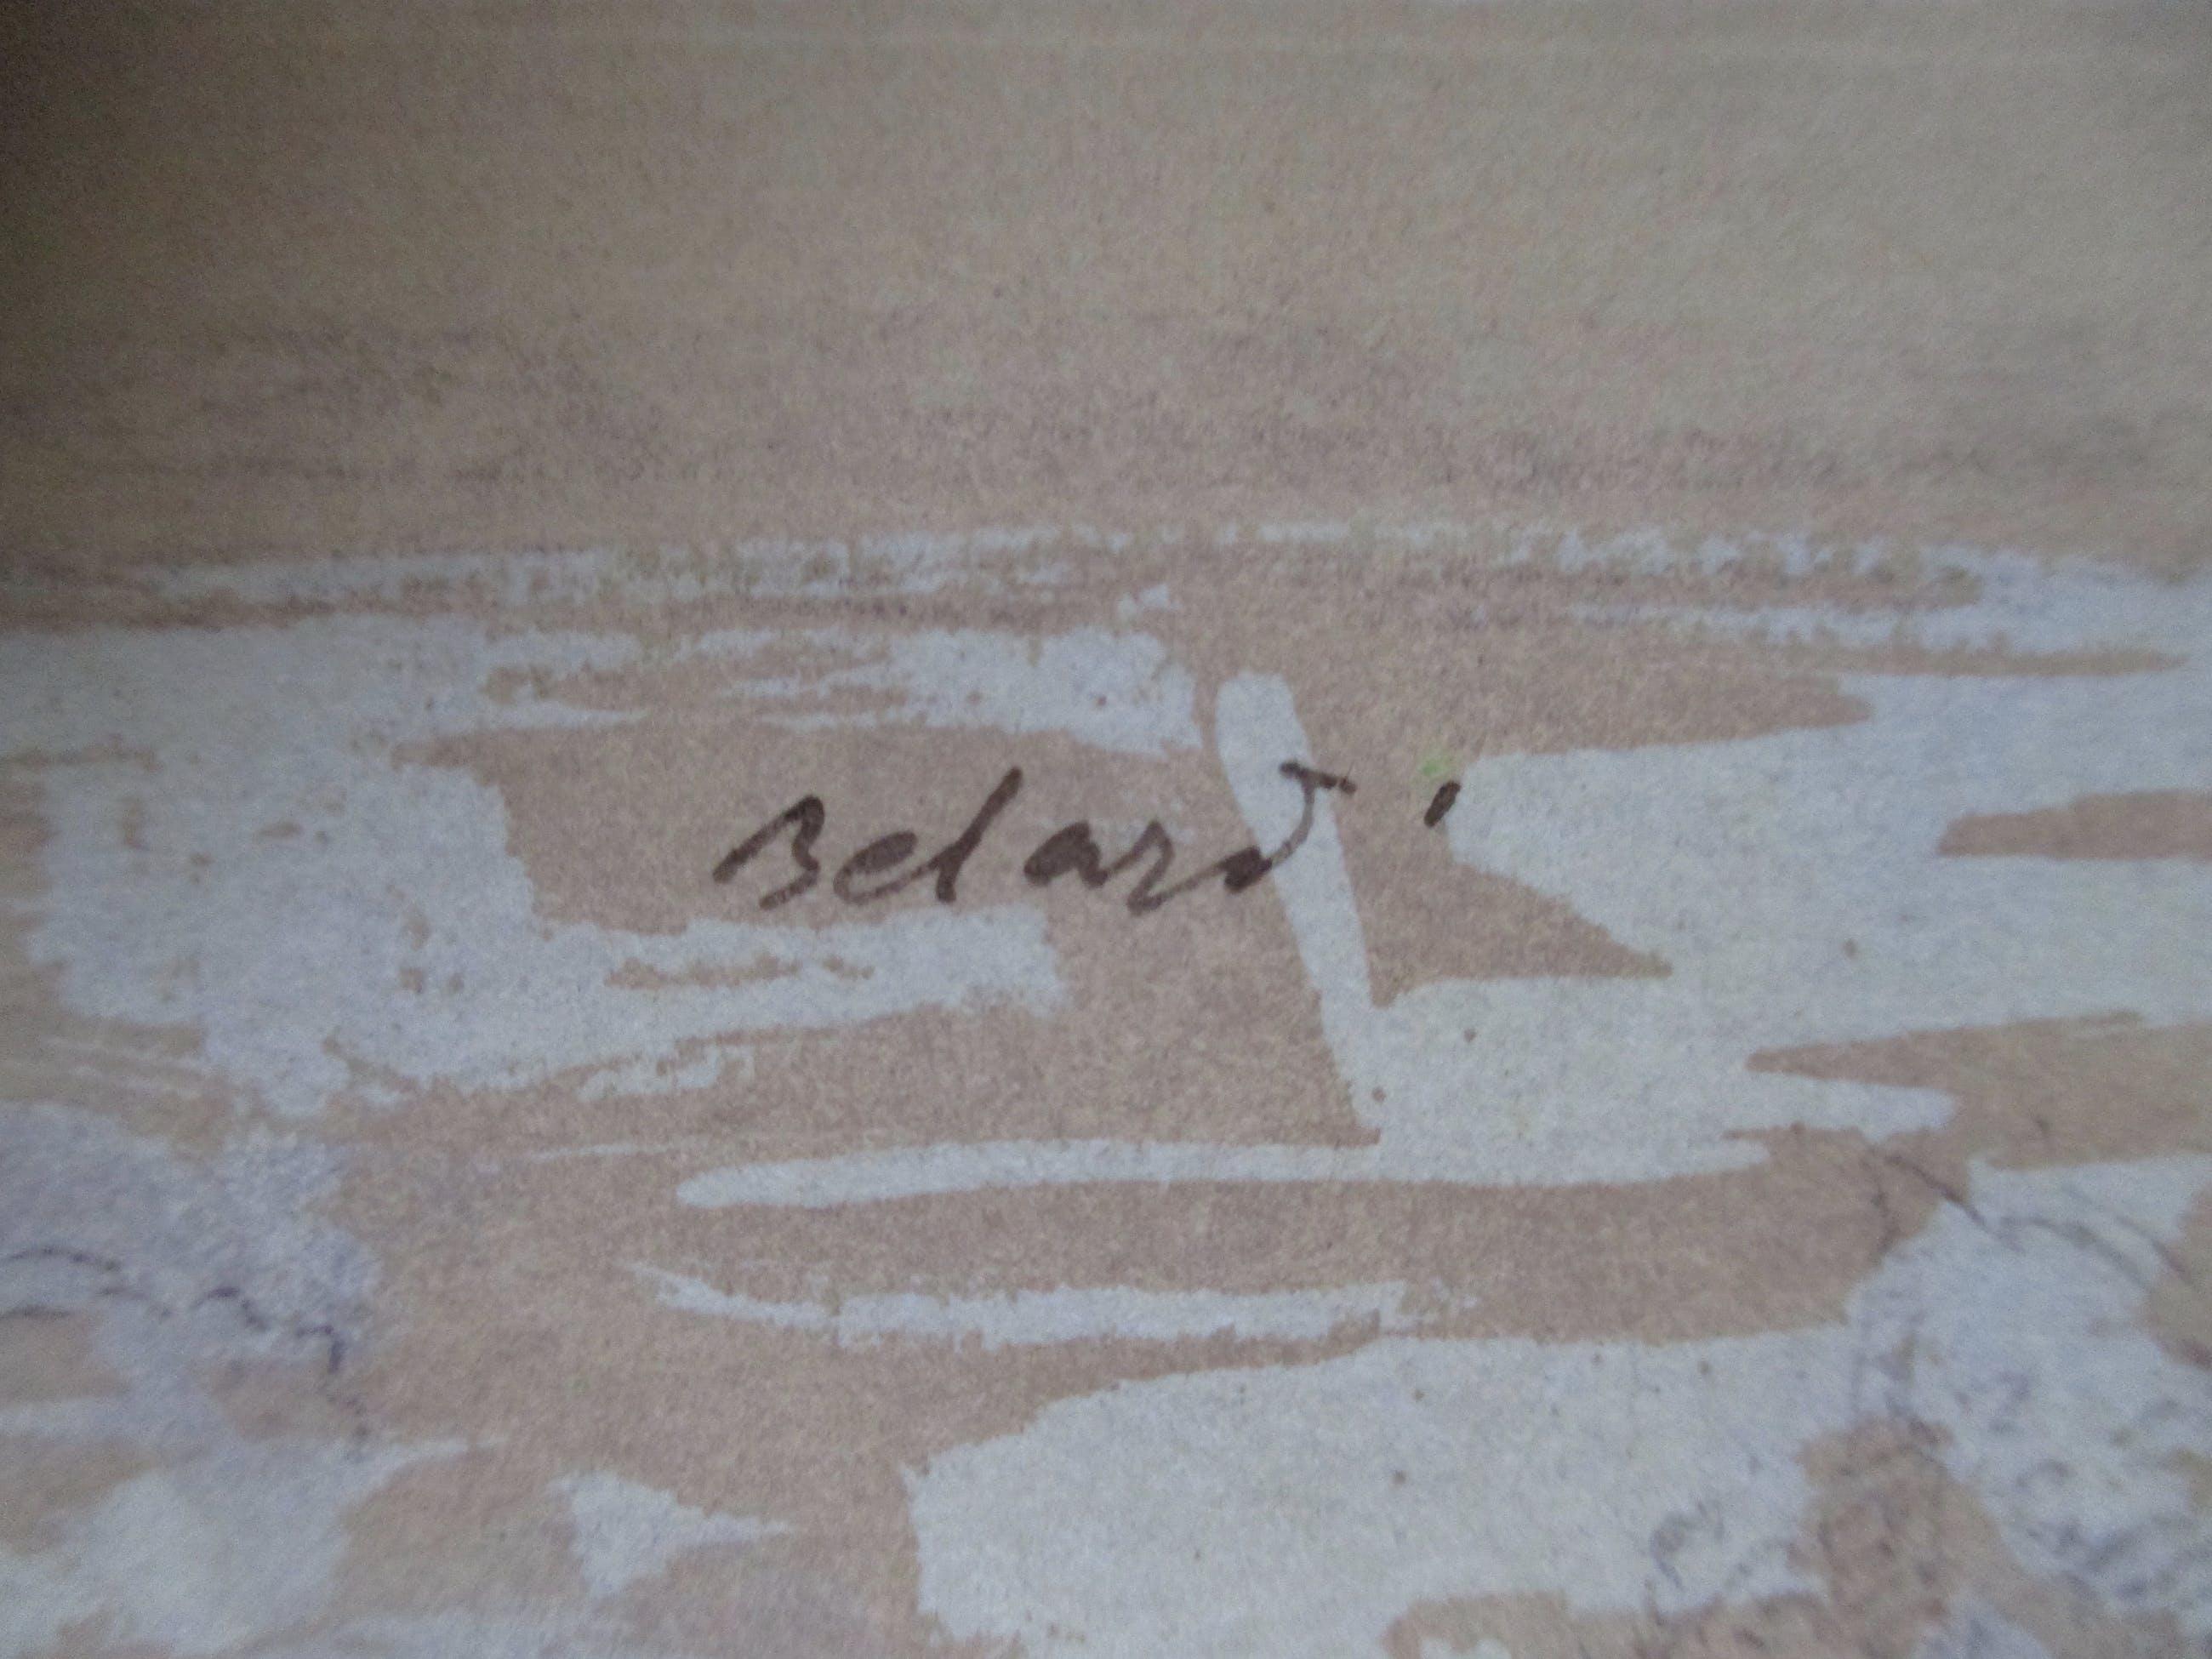 Gerard Bellaart - Ets gesigneerd kopen? Bied vanaf 15!